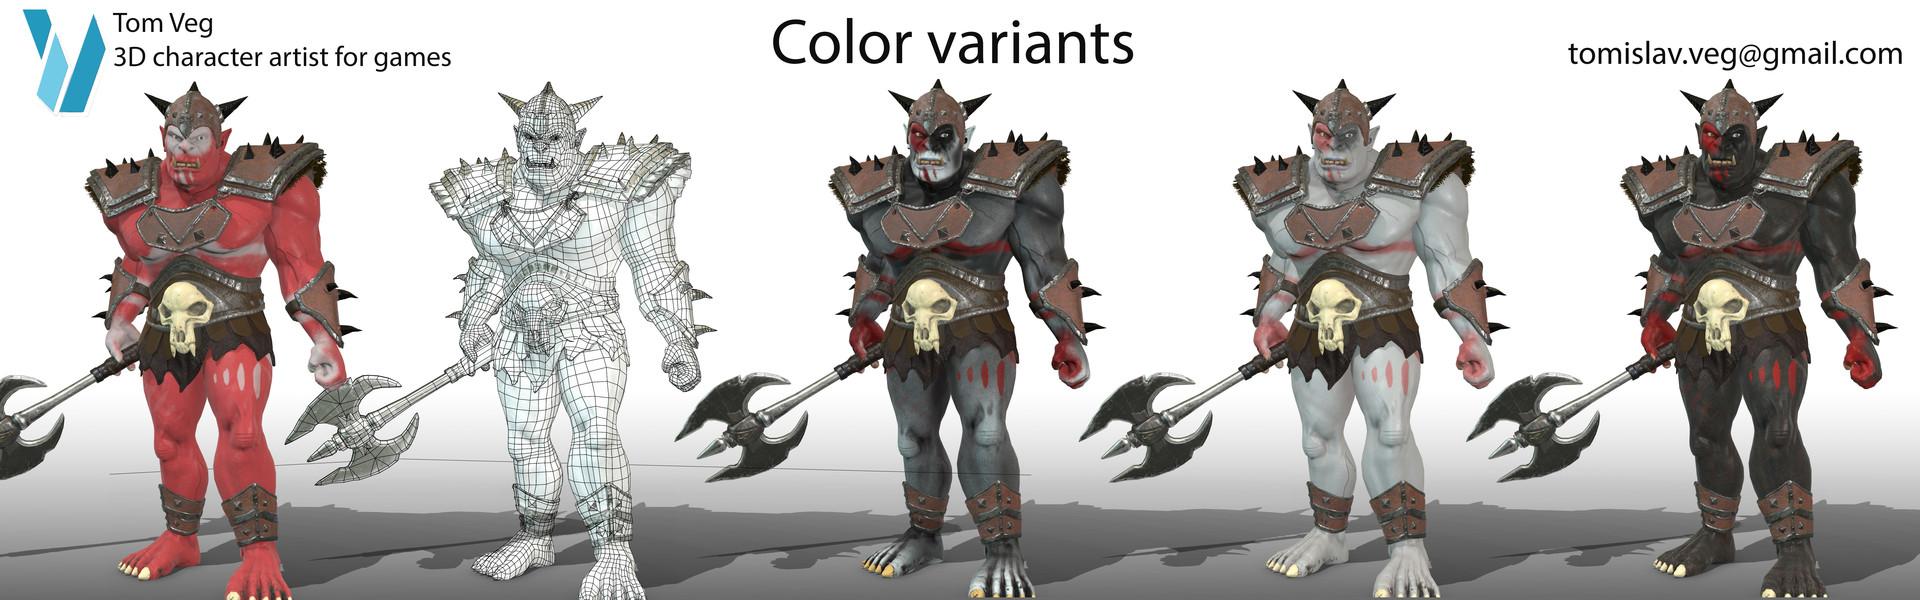 Tom veg color variants